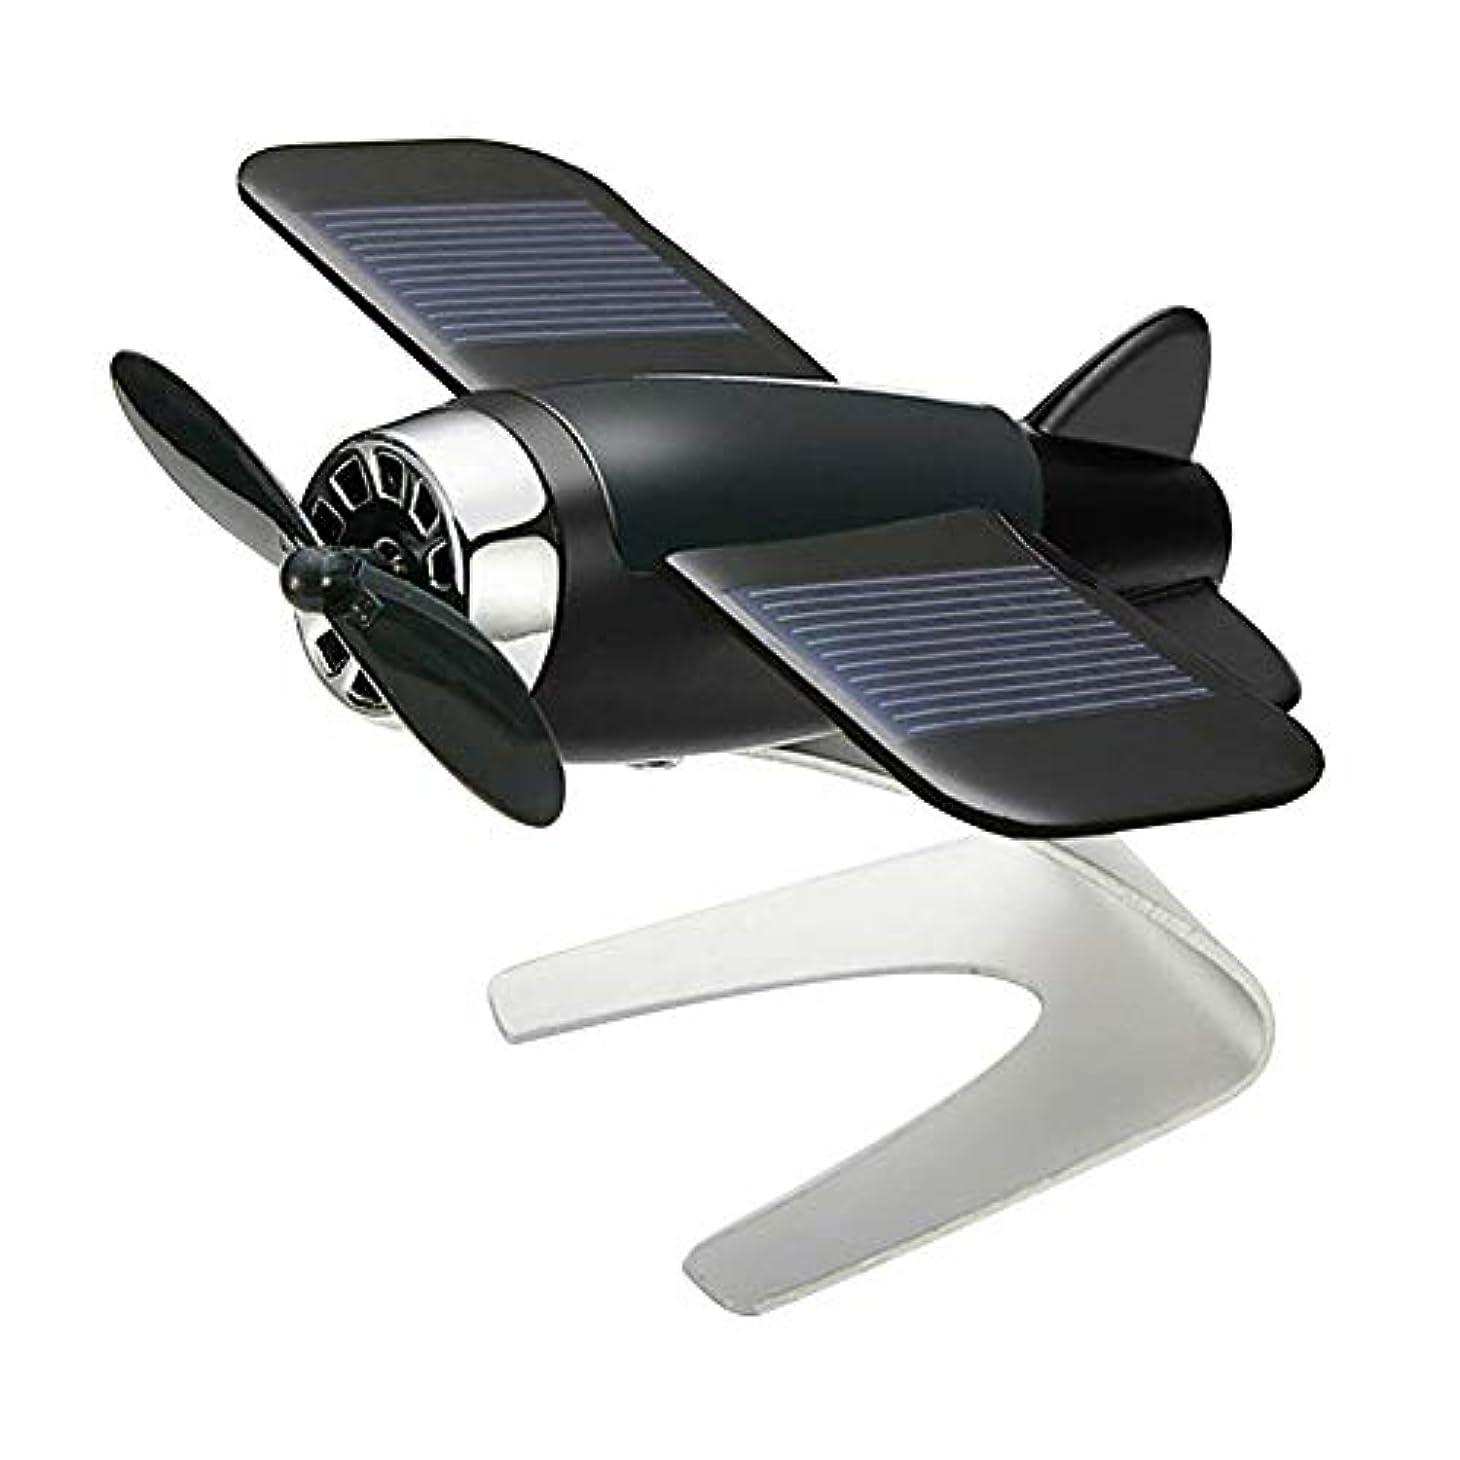 あたたかい肥満導入するSymboat 車の芳香剤飛行機航空機モデル太陽エネルギーアロマテラピー室内装飾